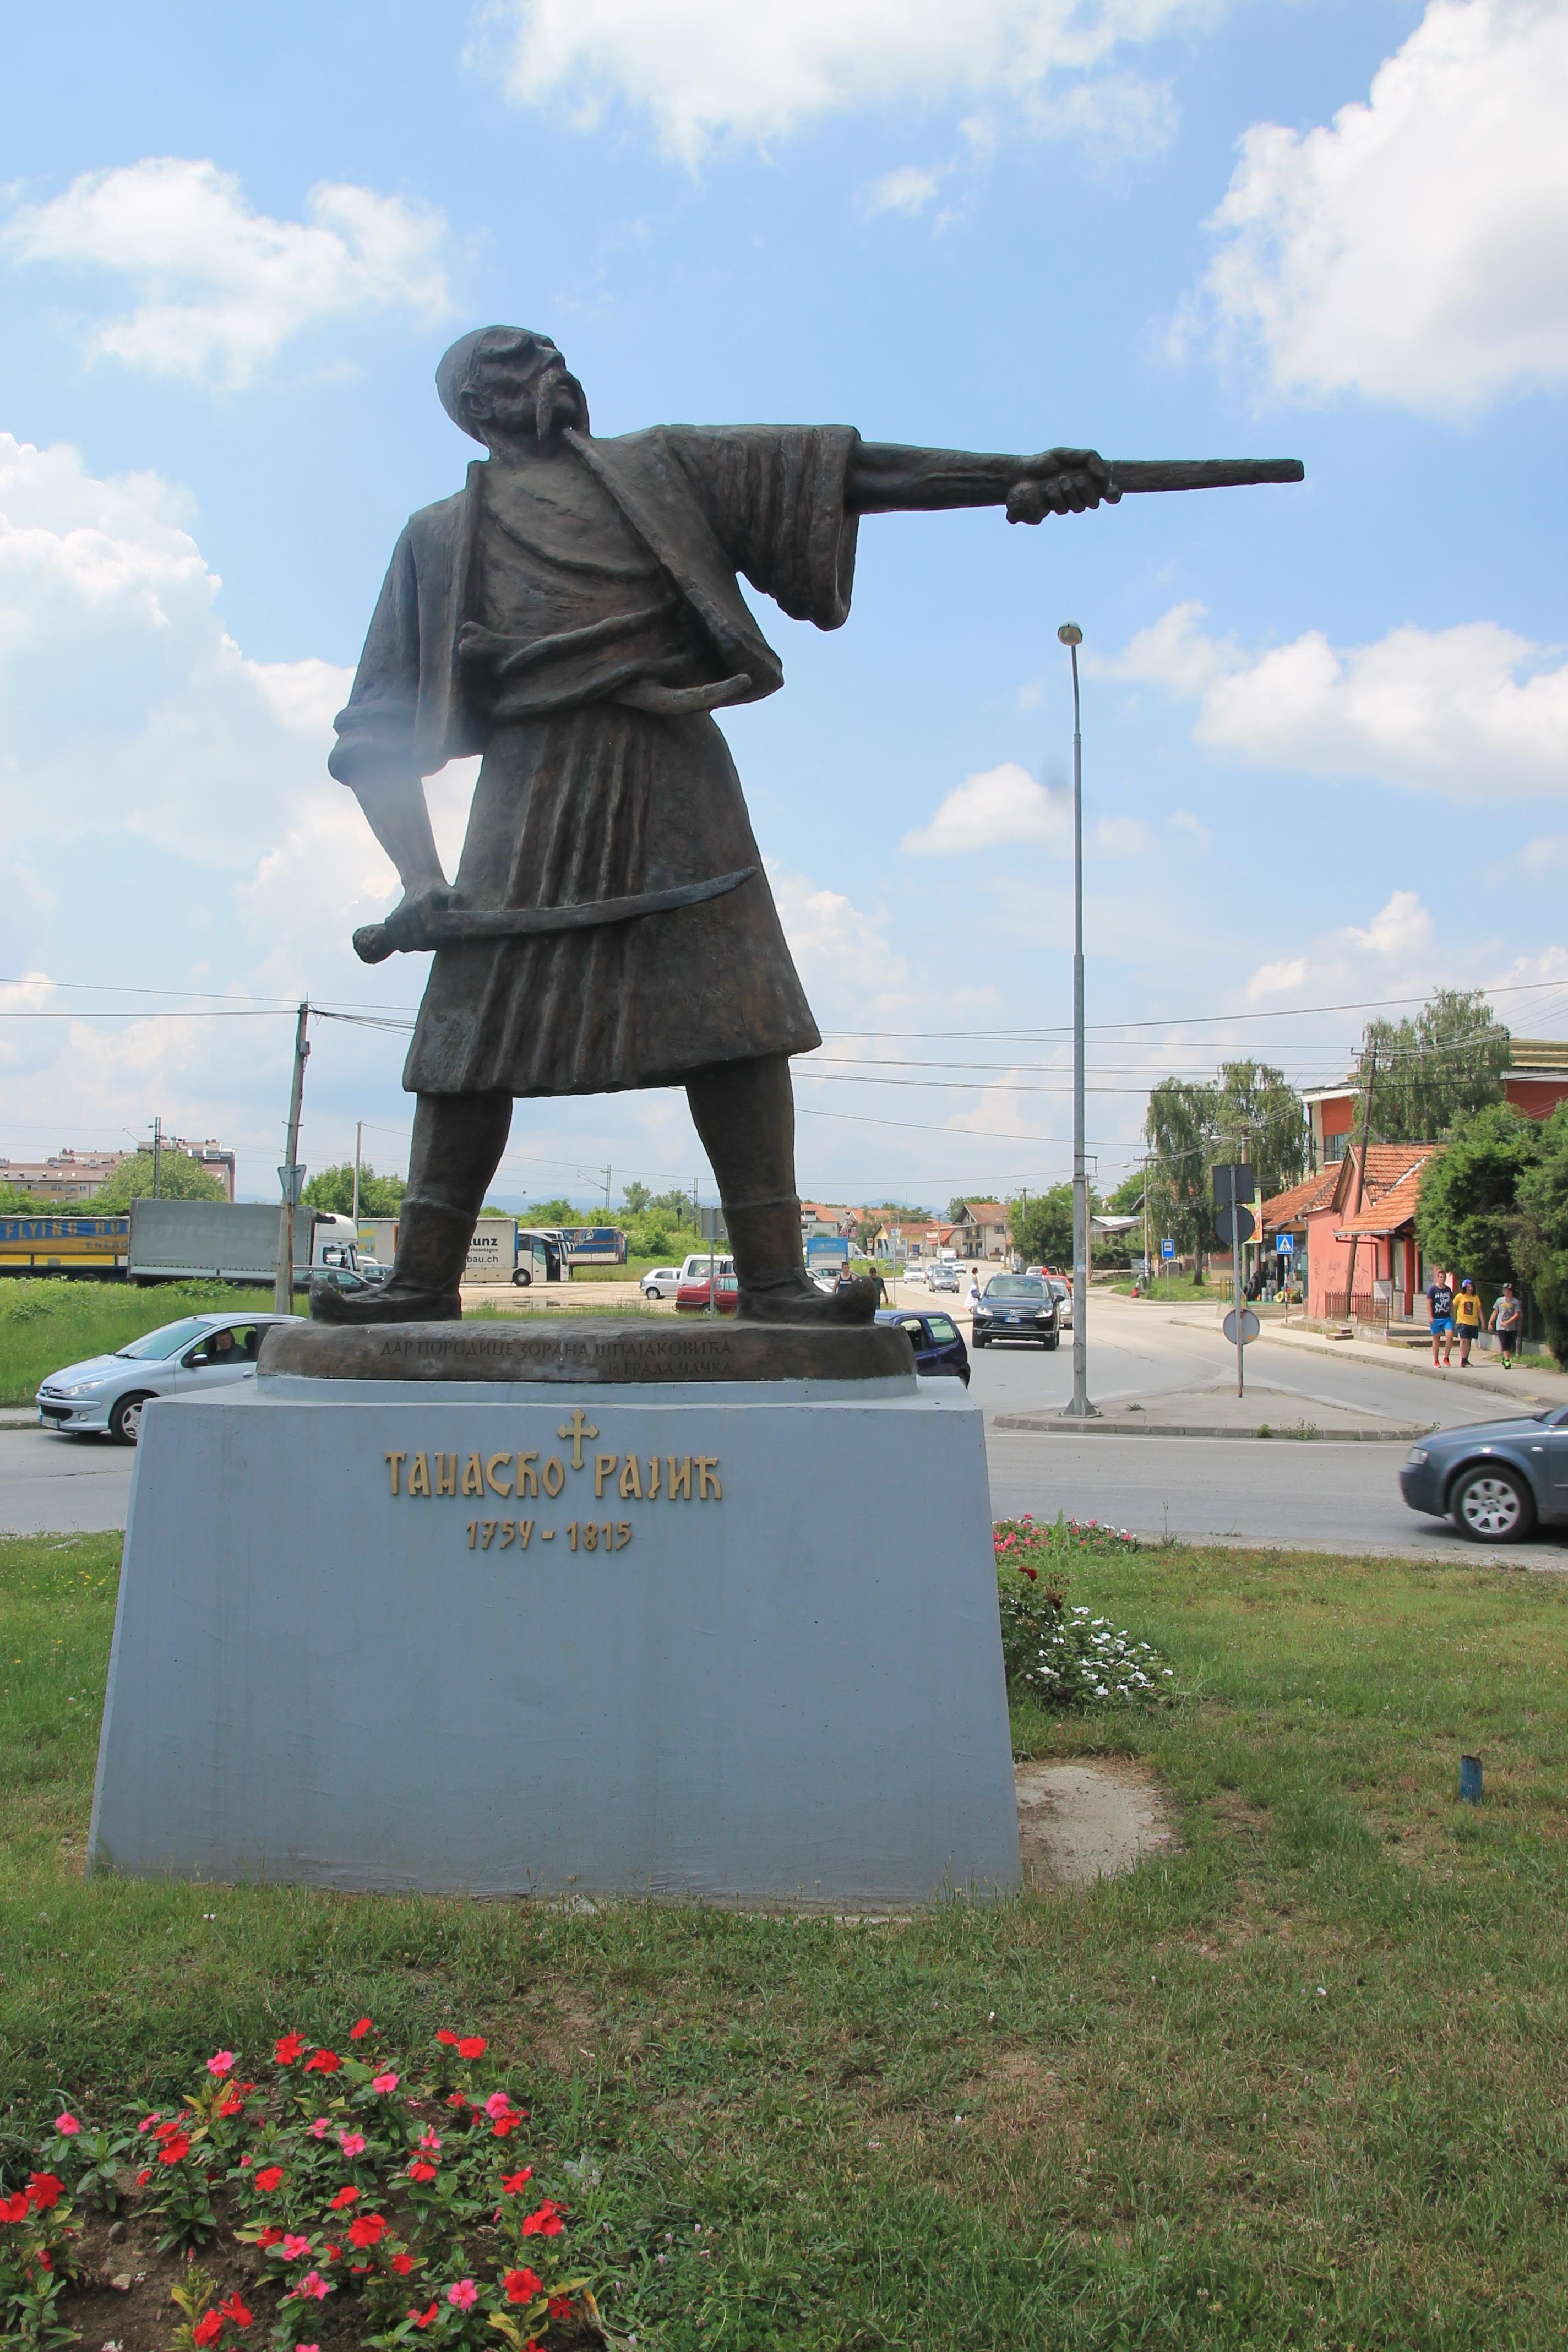 Spomenik Tanasku Rajicu Vikipedija Slobodna Enciklopedija